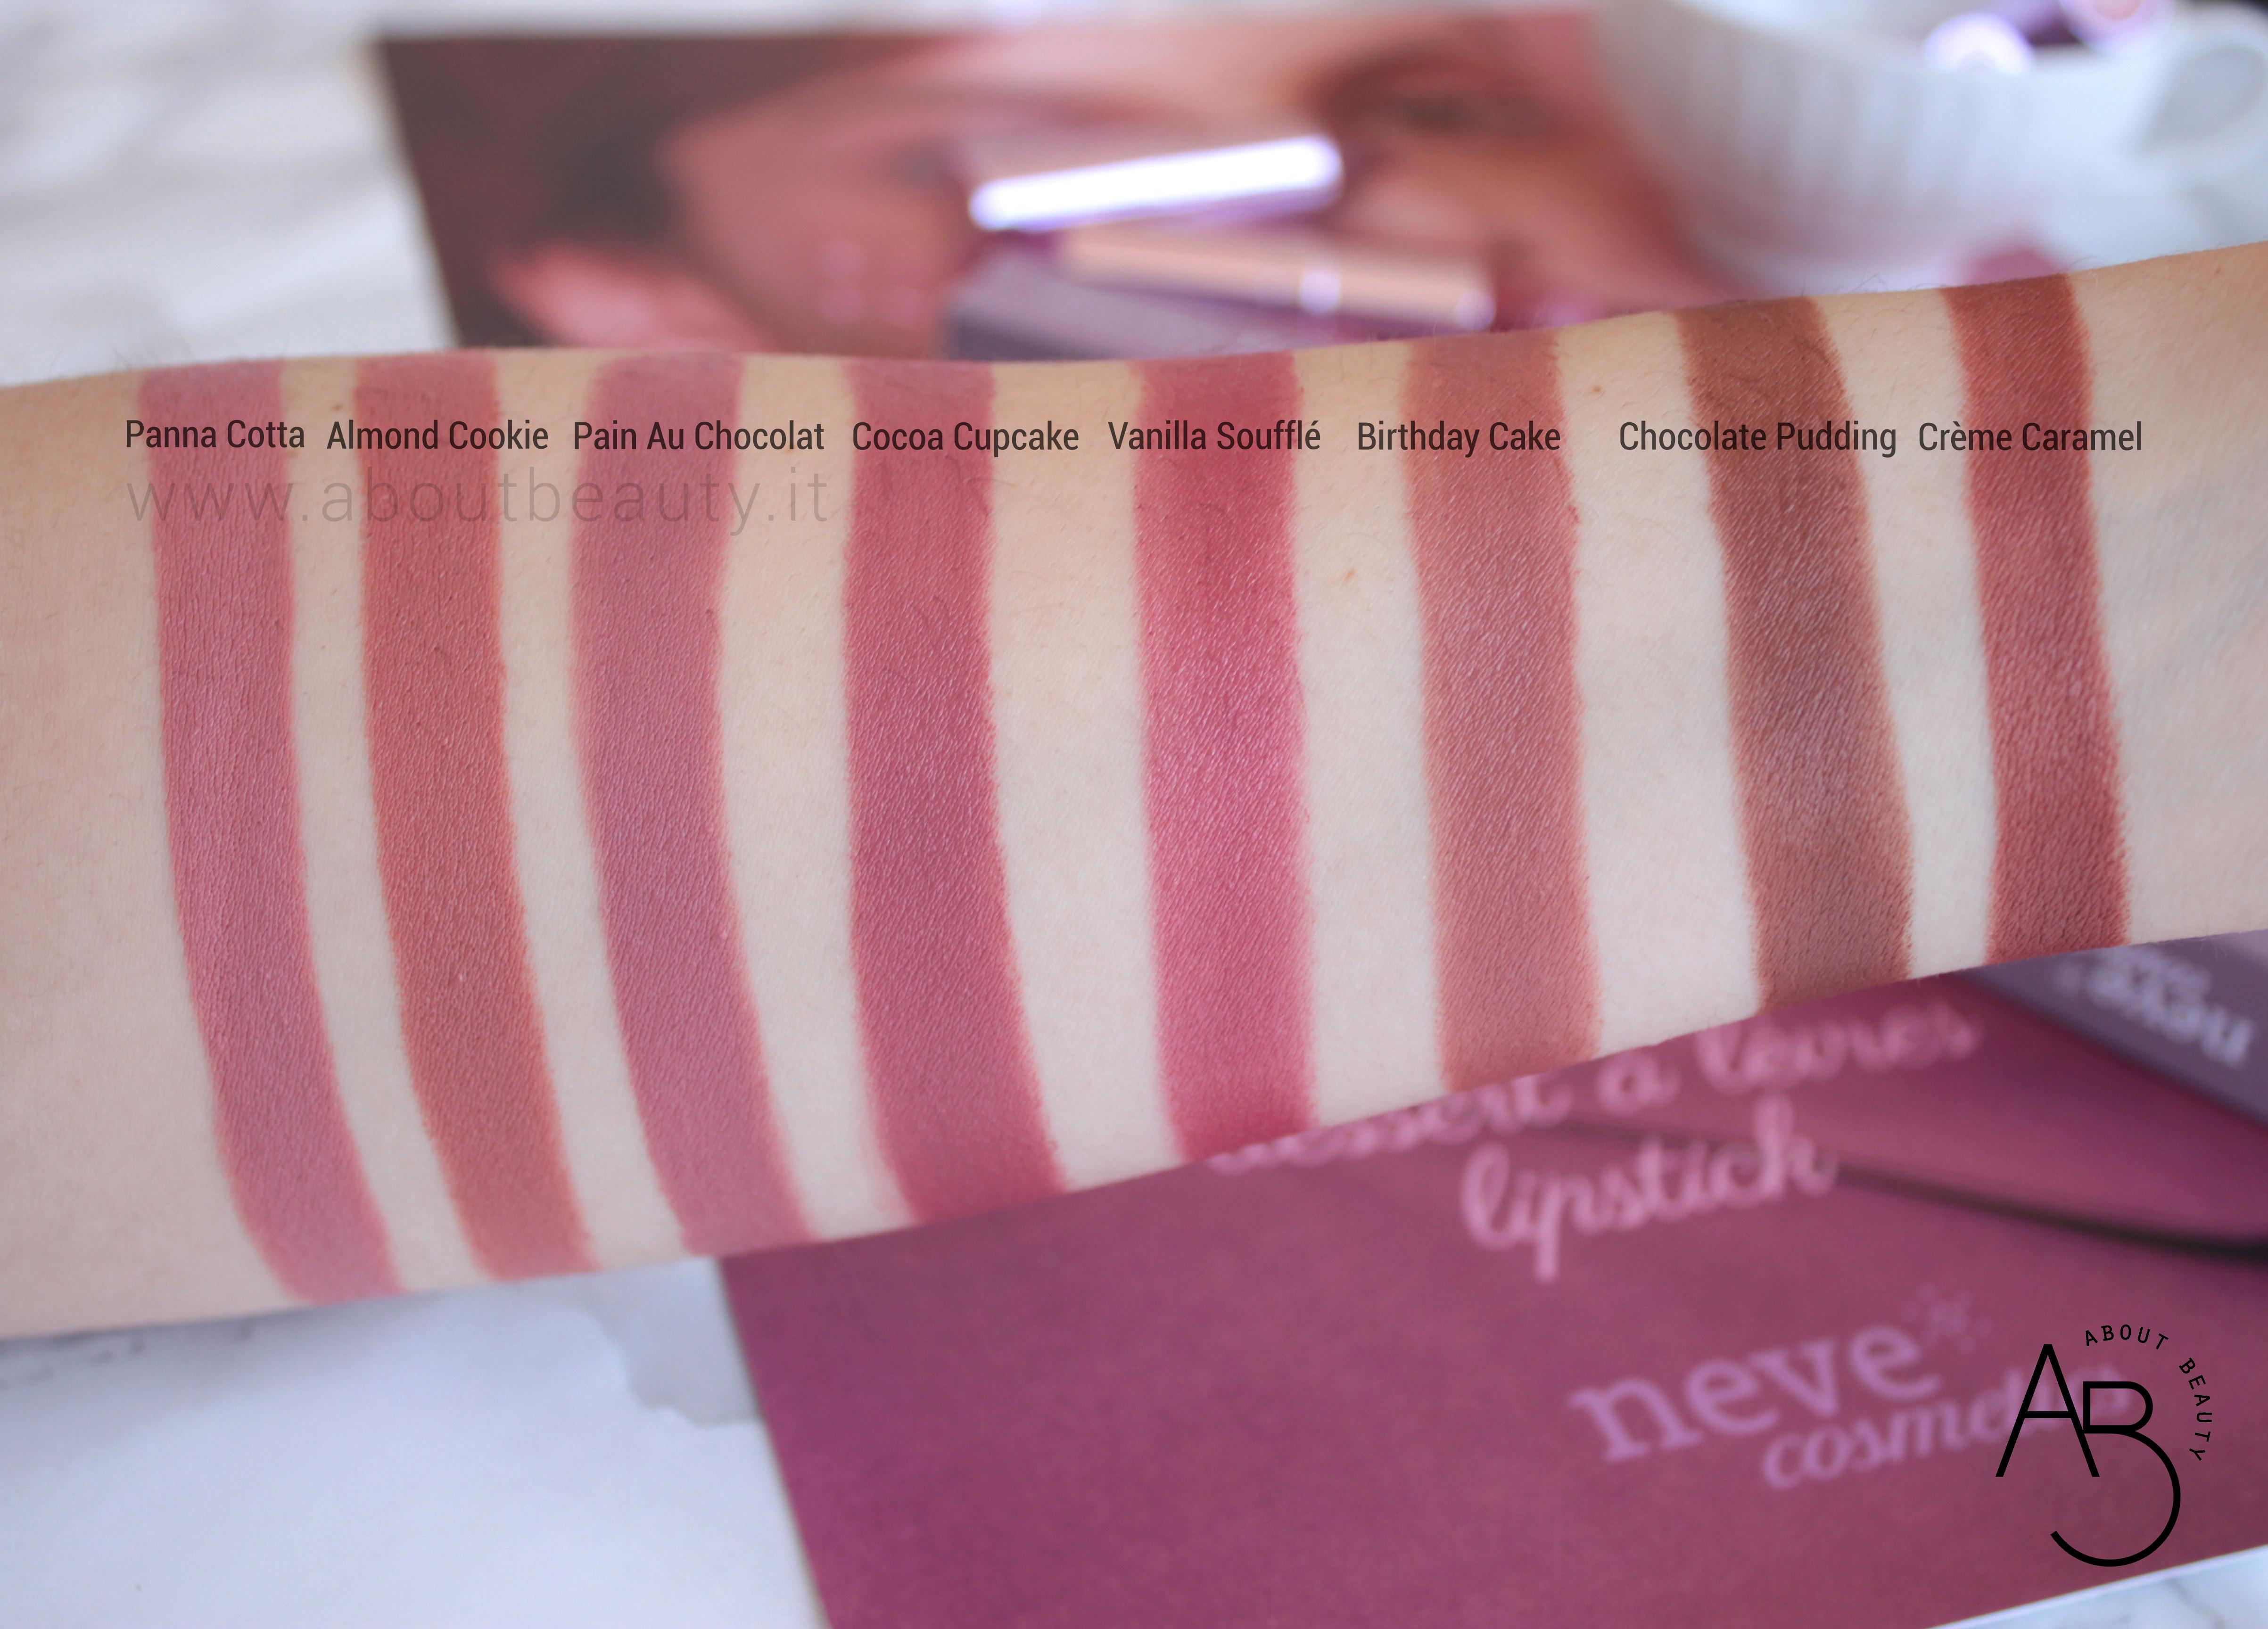 Nuovi rossetti newDElicious Dessert a Levres Neve Cosmetics 2019 - Info, review, recensione, opinioni, swatches, data uscita, prezzo, sconto - Tutti gli swatch